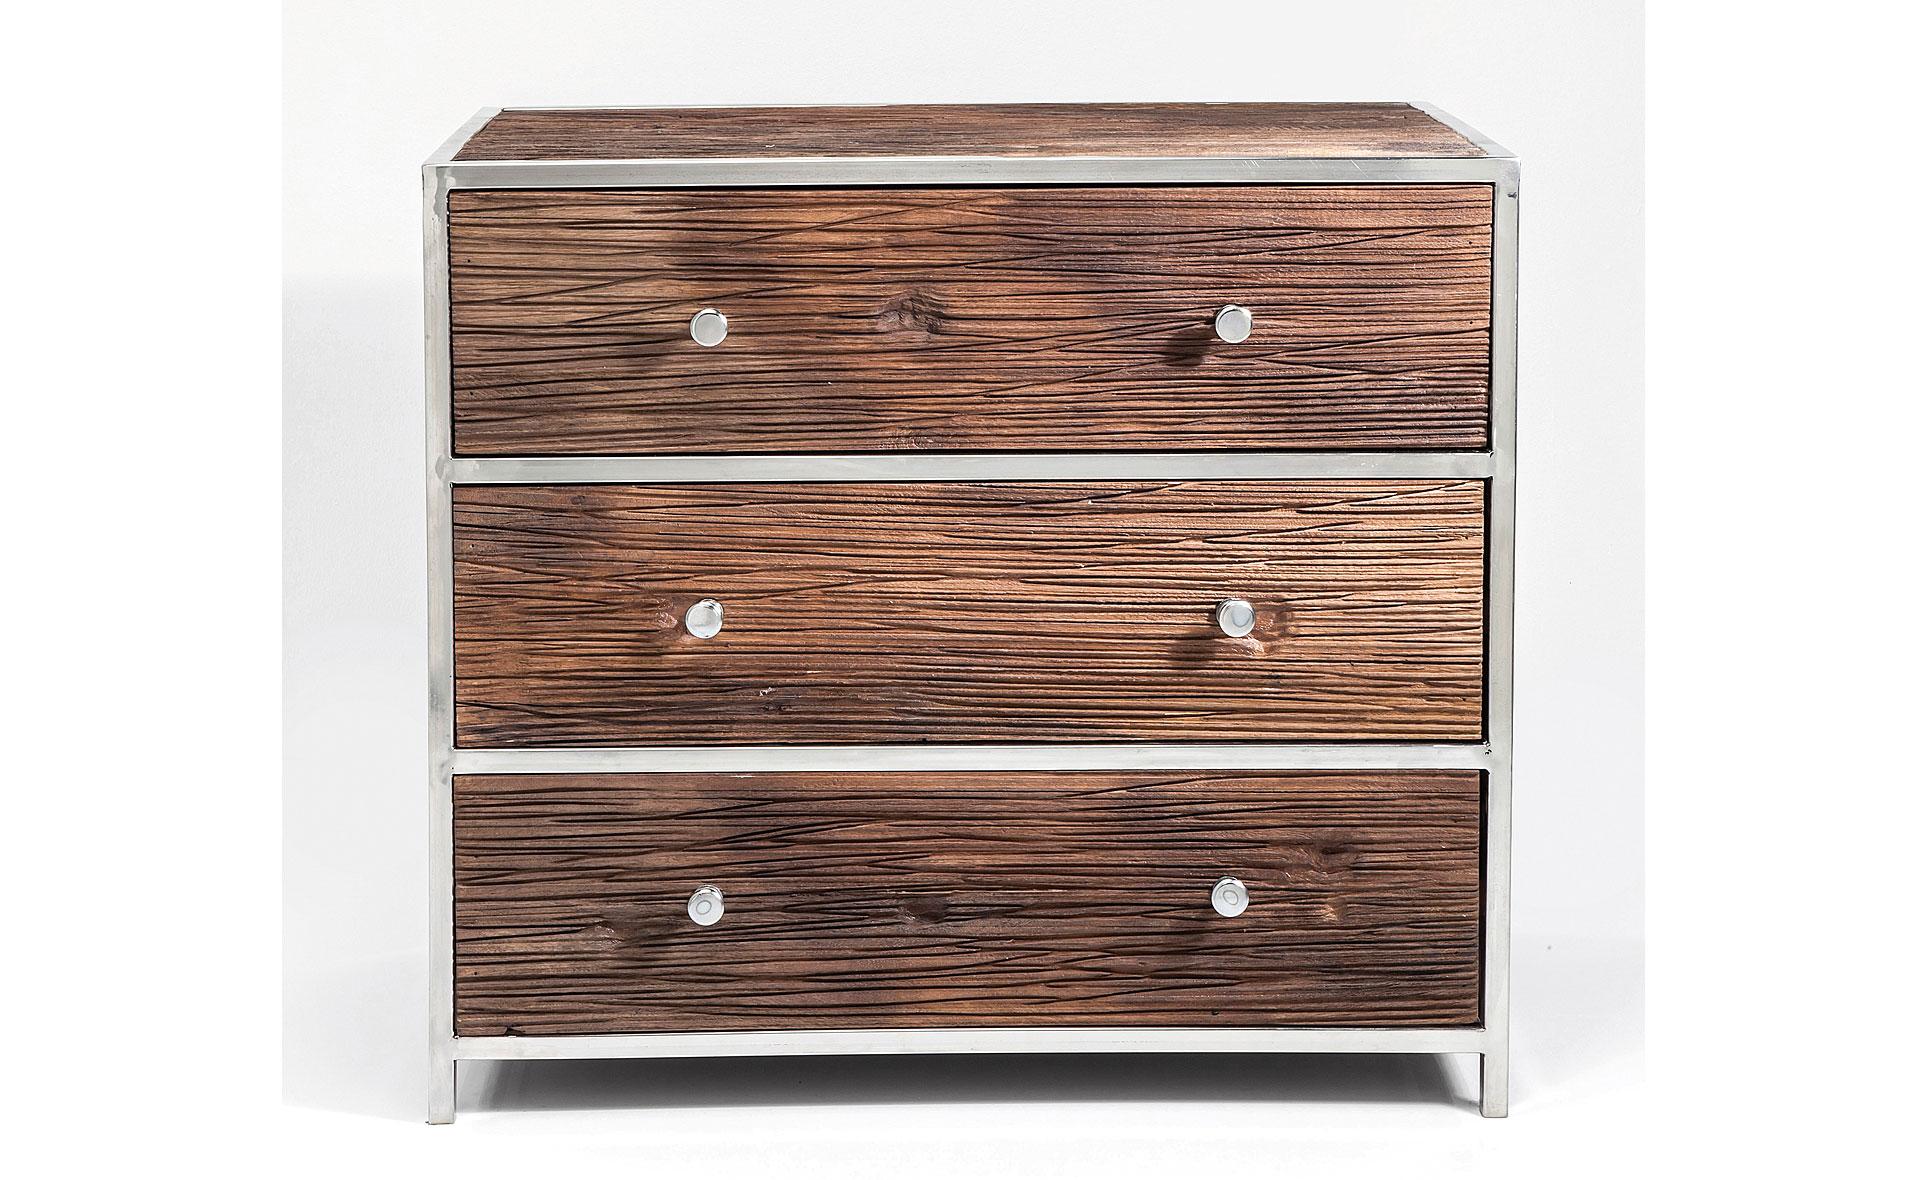 Muebles de madera tallada y piel natural de vaca (822)